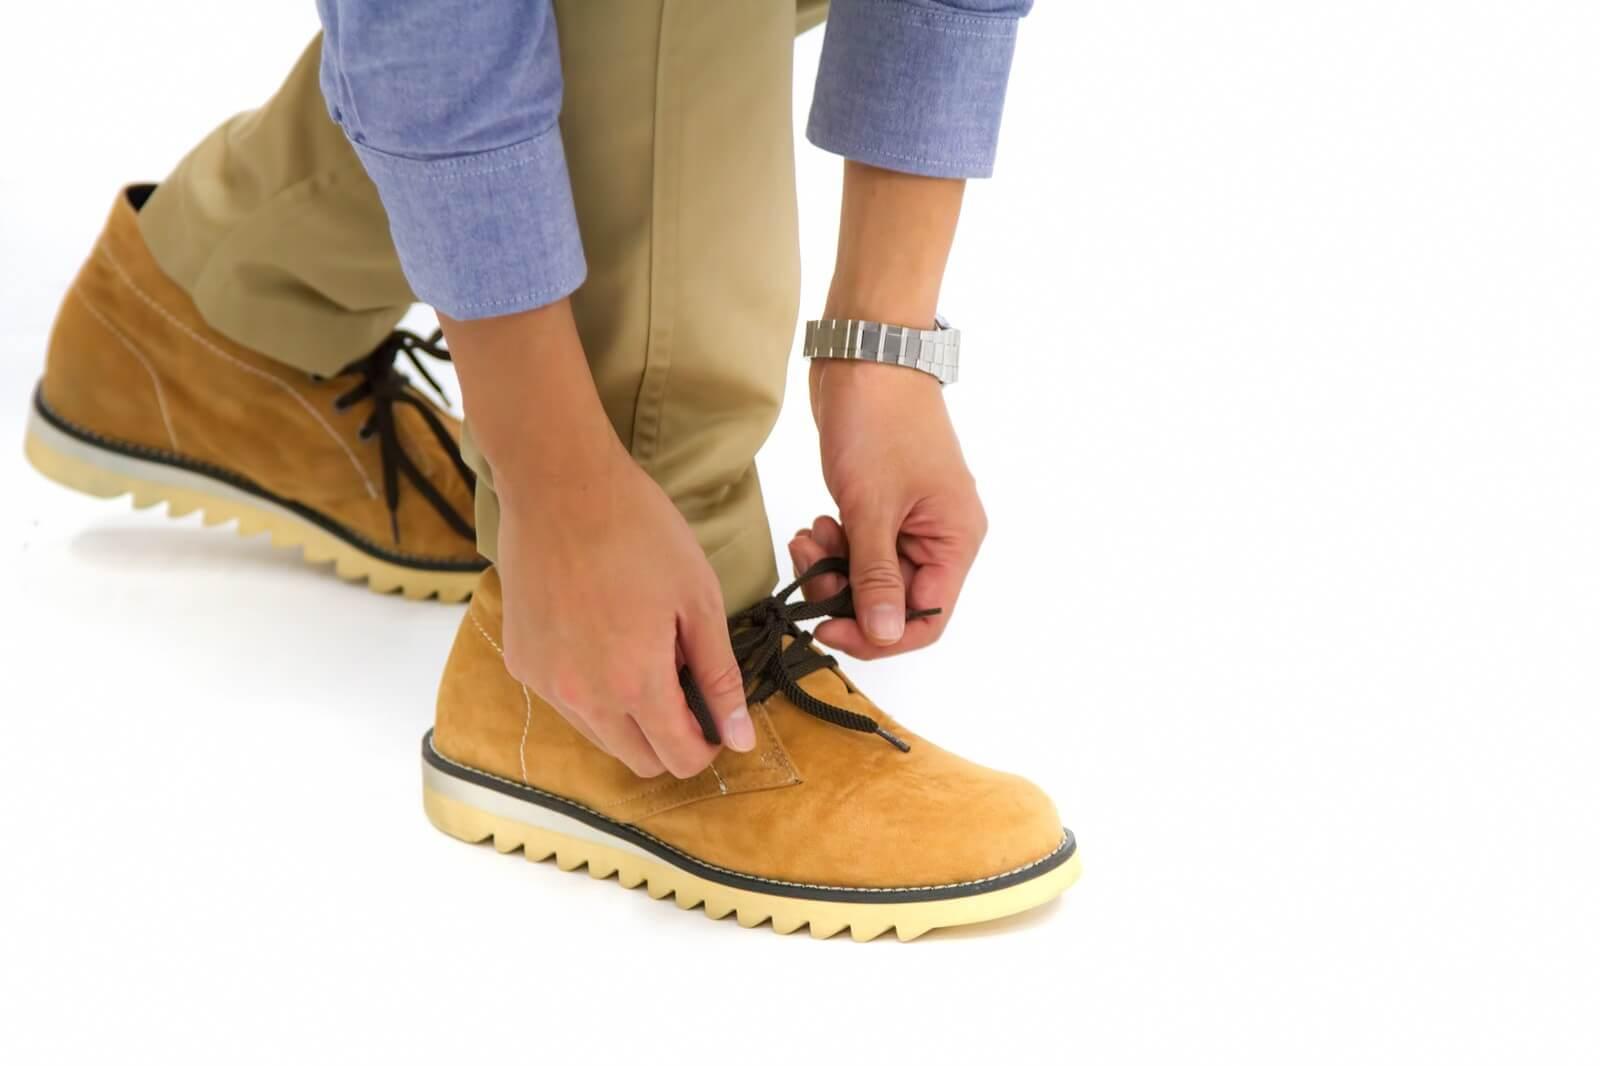 高級品嫌いでも「靴」だけにはお金をかけて欲しい理由